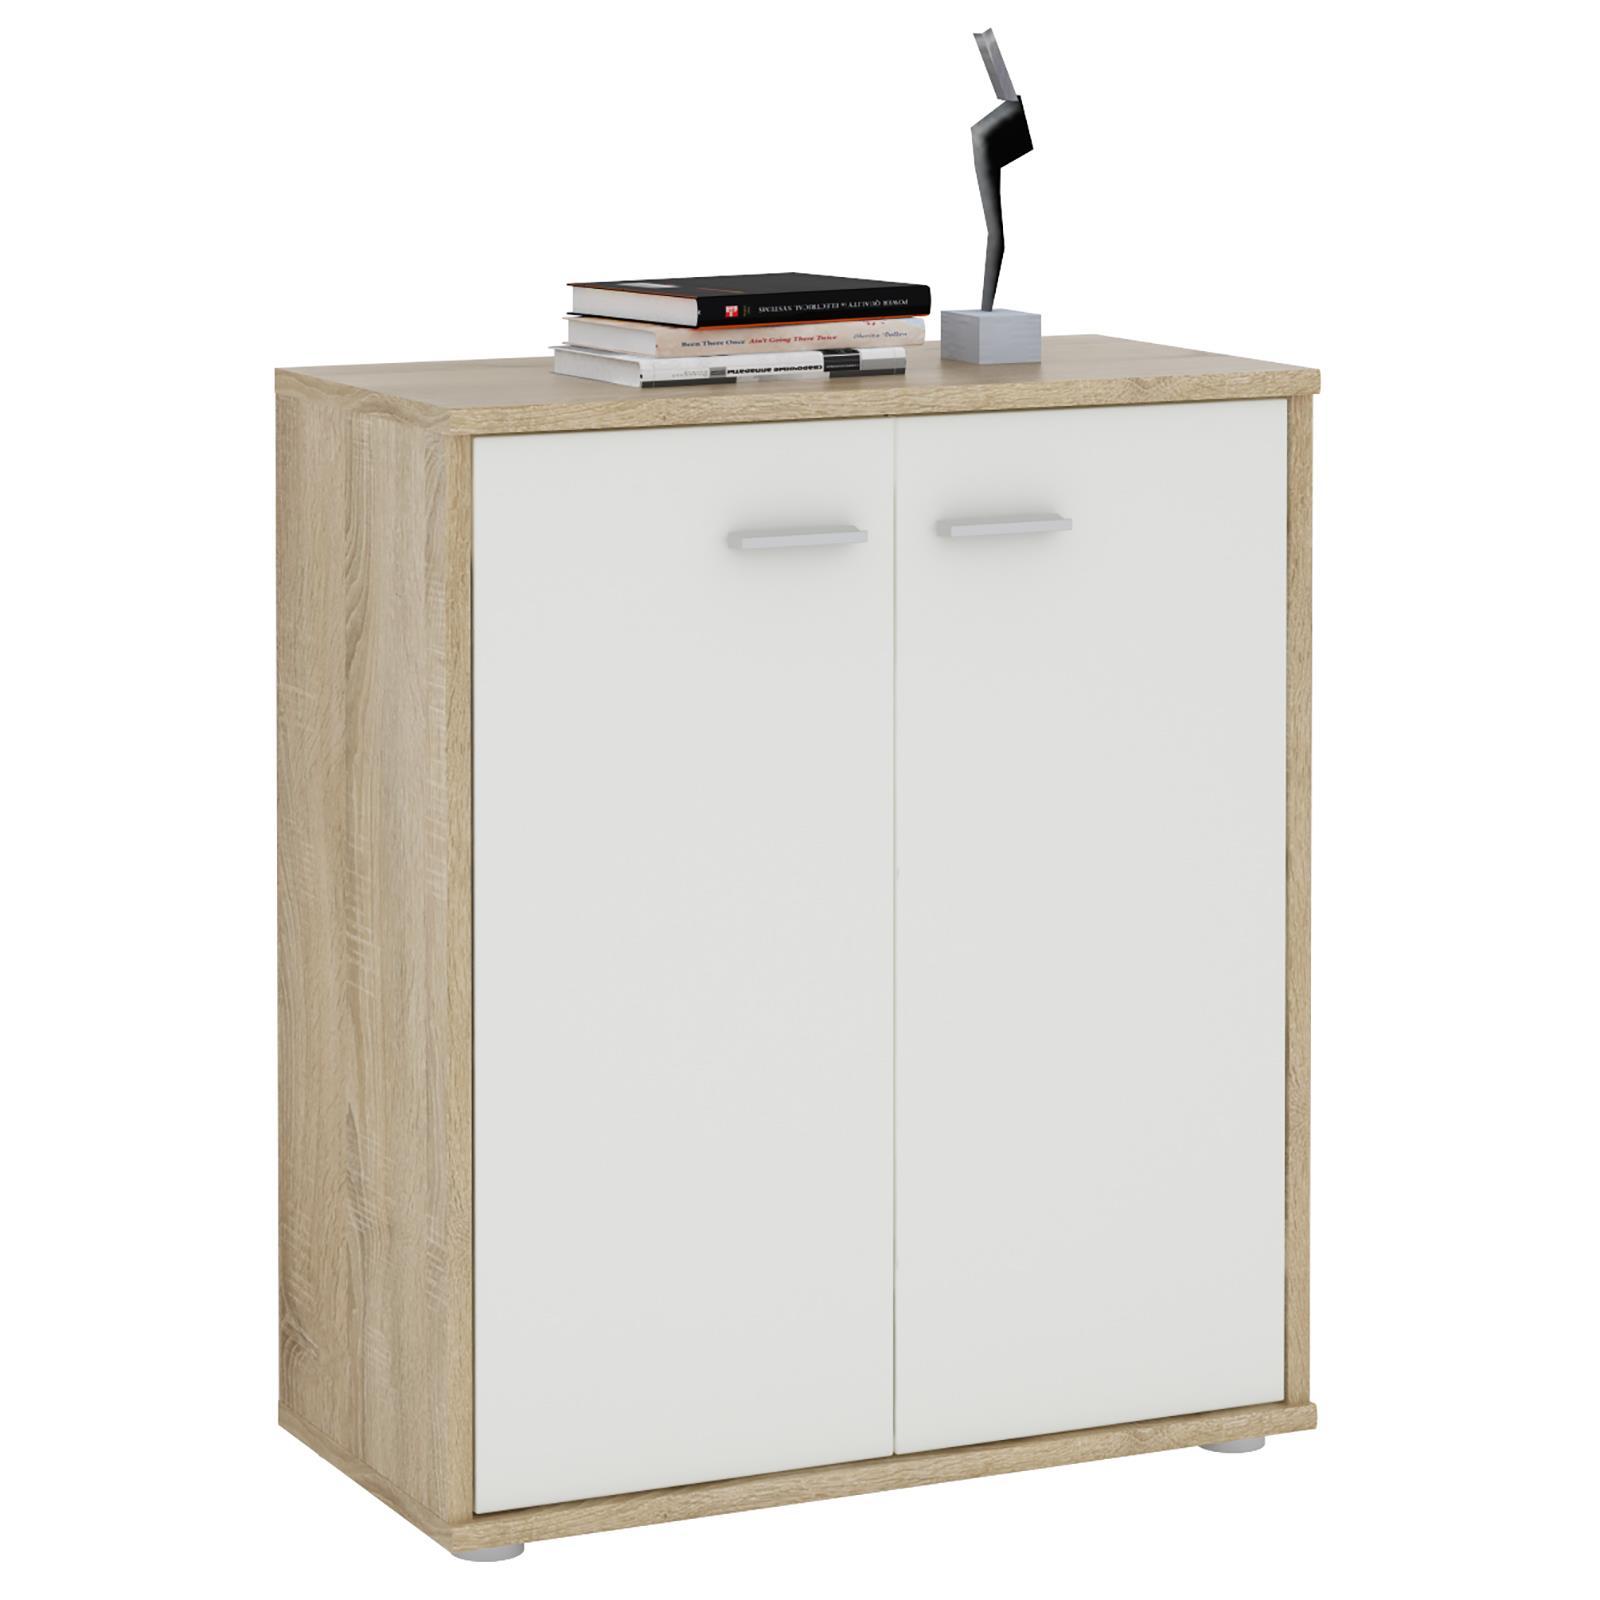 Kommode Sideboard Schrank in verschiedenen Farben 2 Türen Wohnzimmer ...